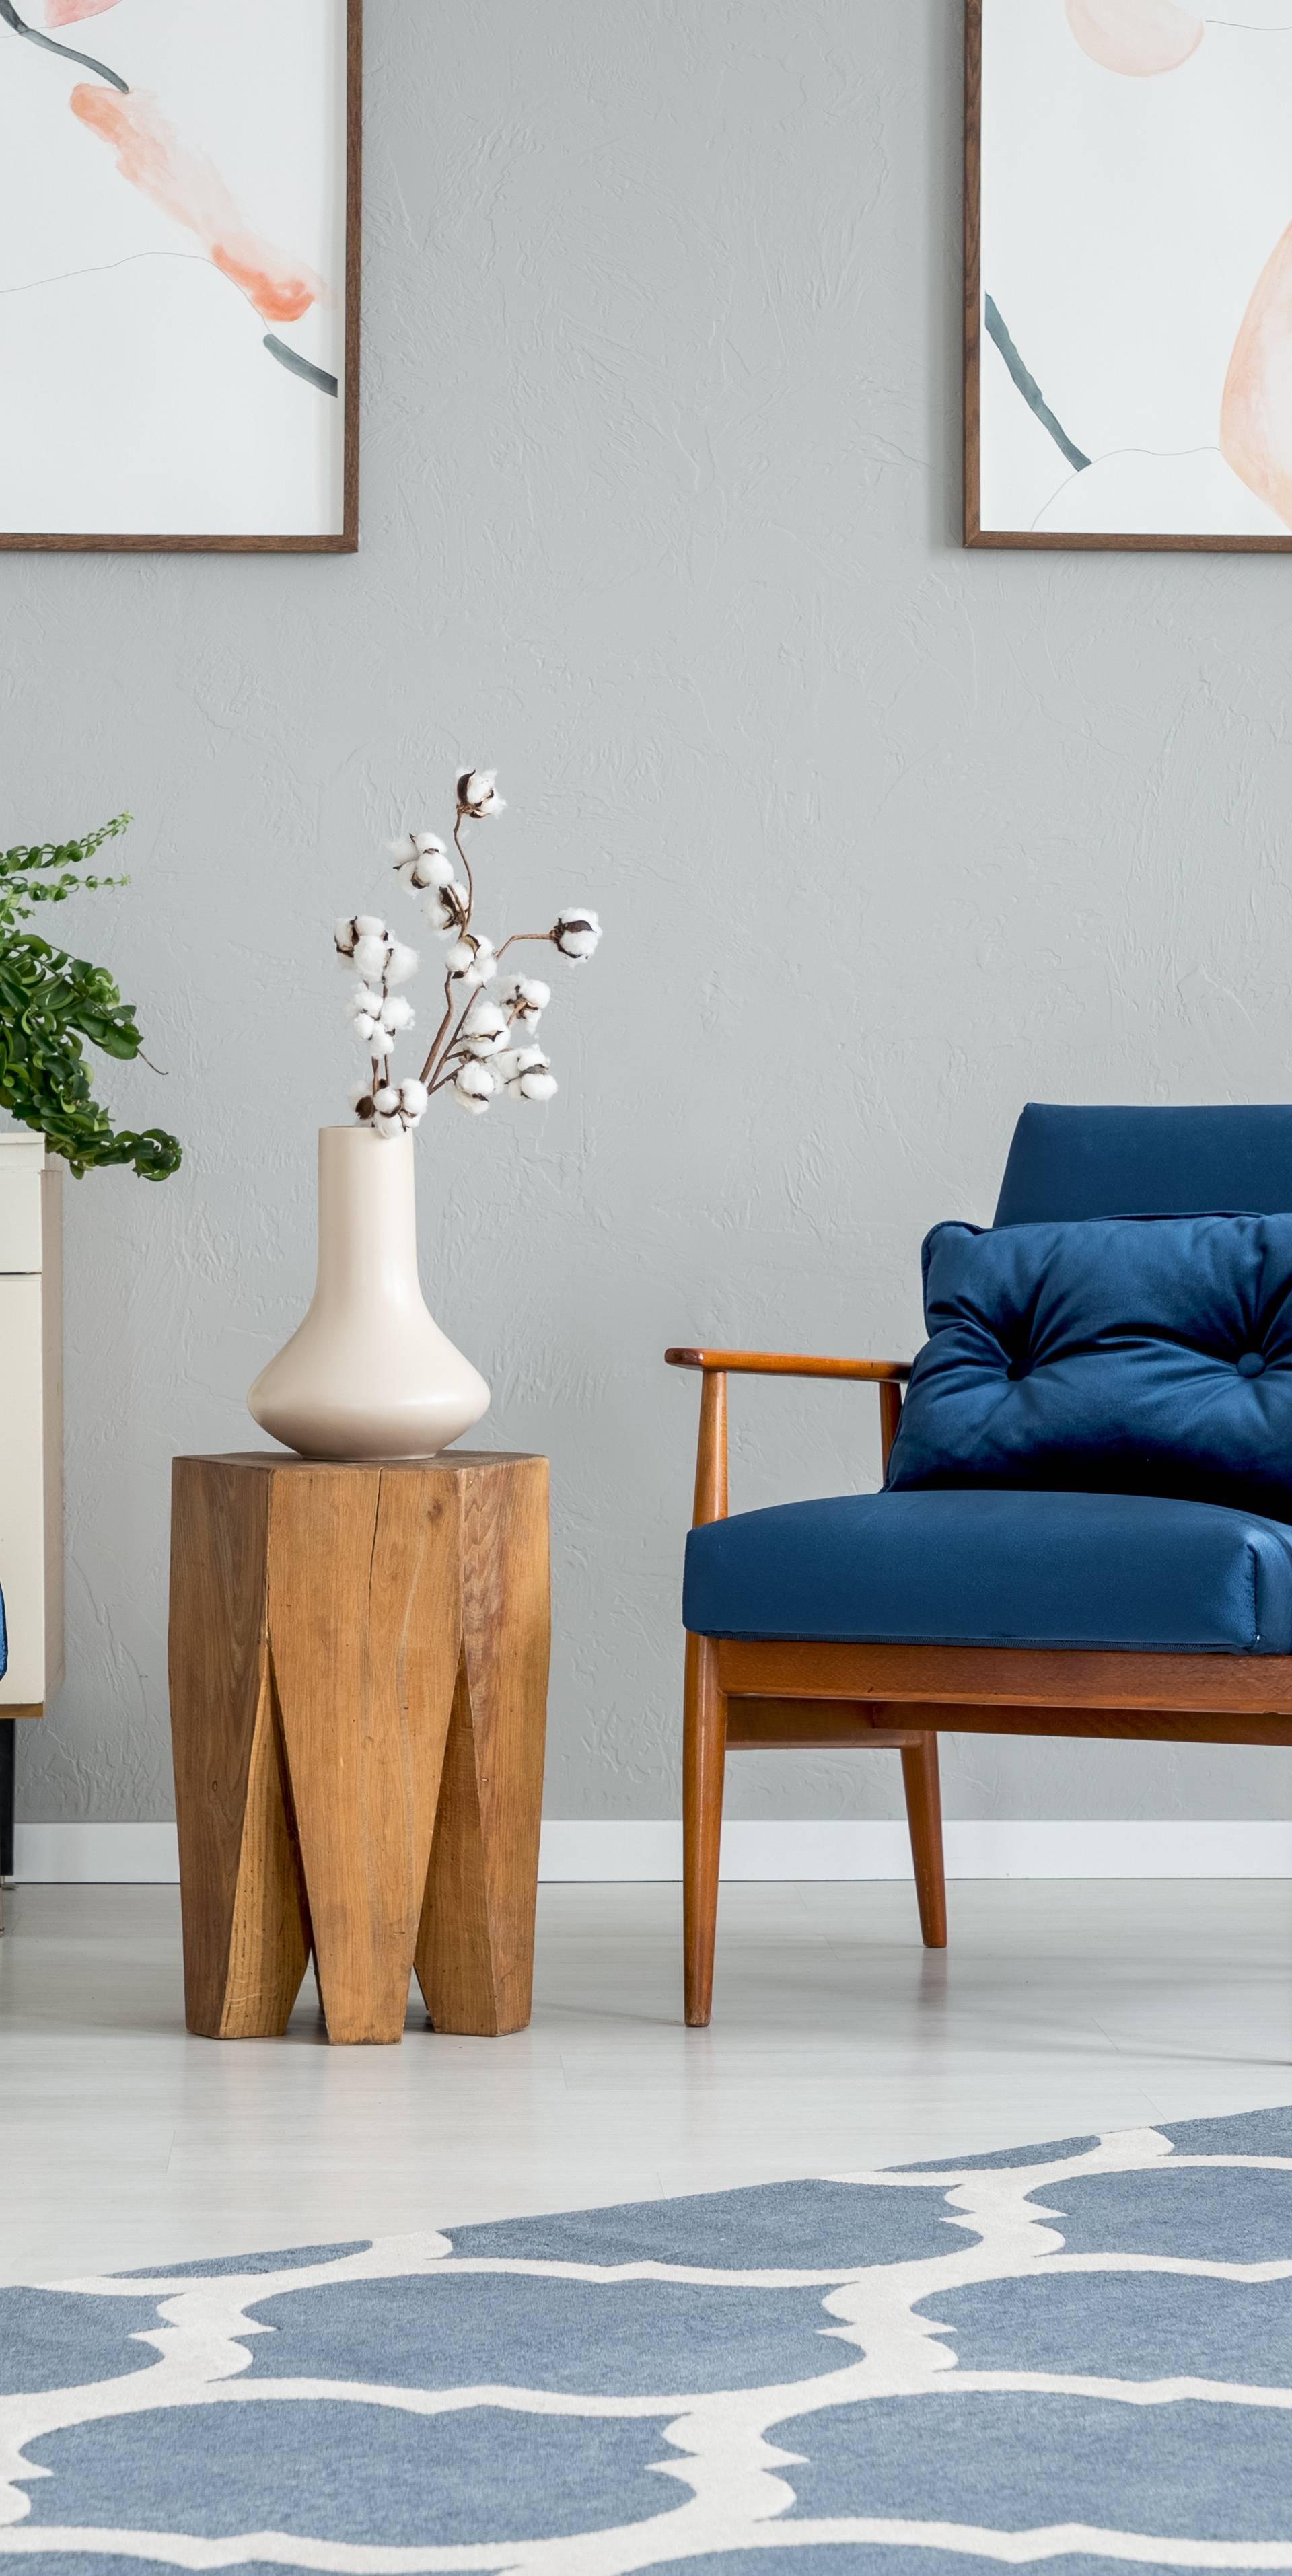 Plava boja može biti idealna za spavaću sobu i dnevni boravak